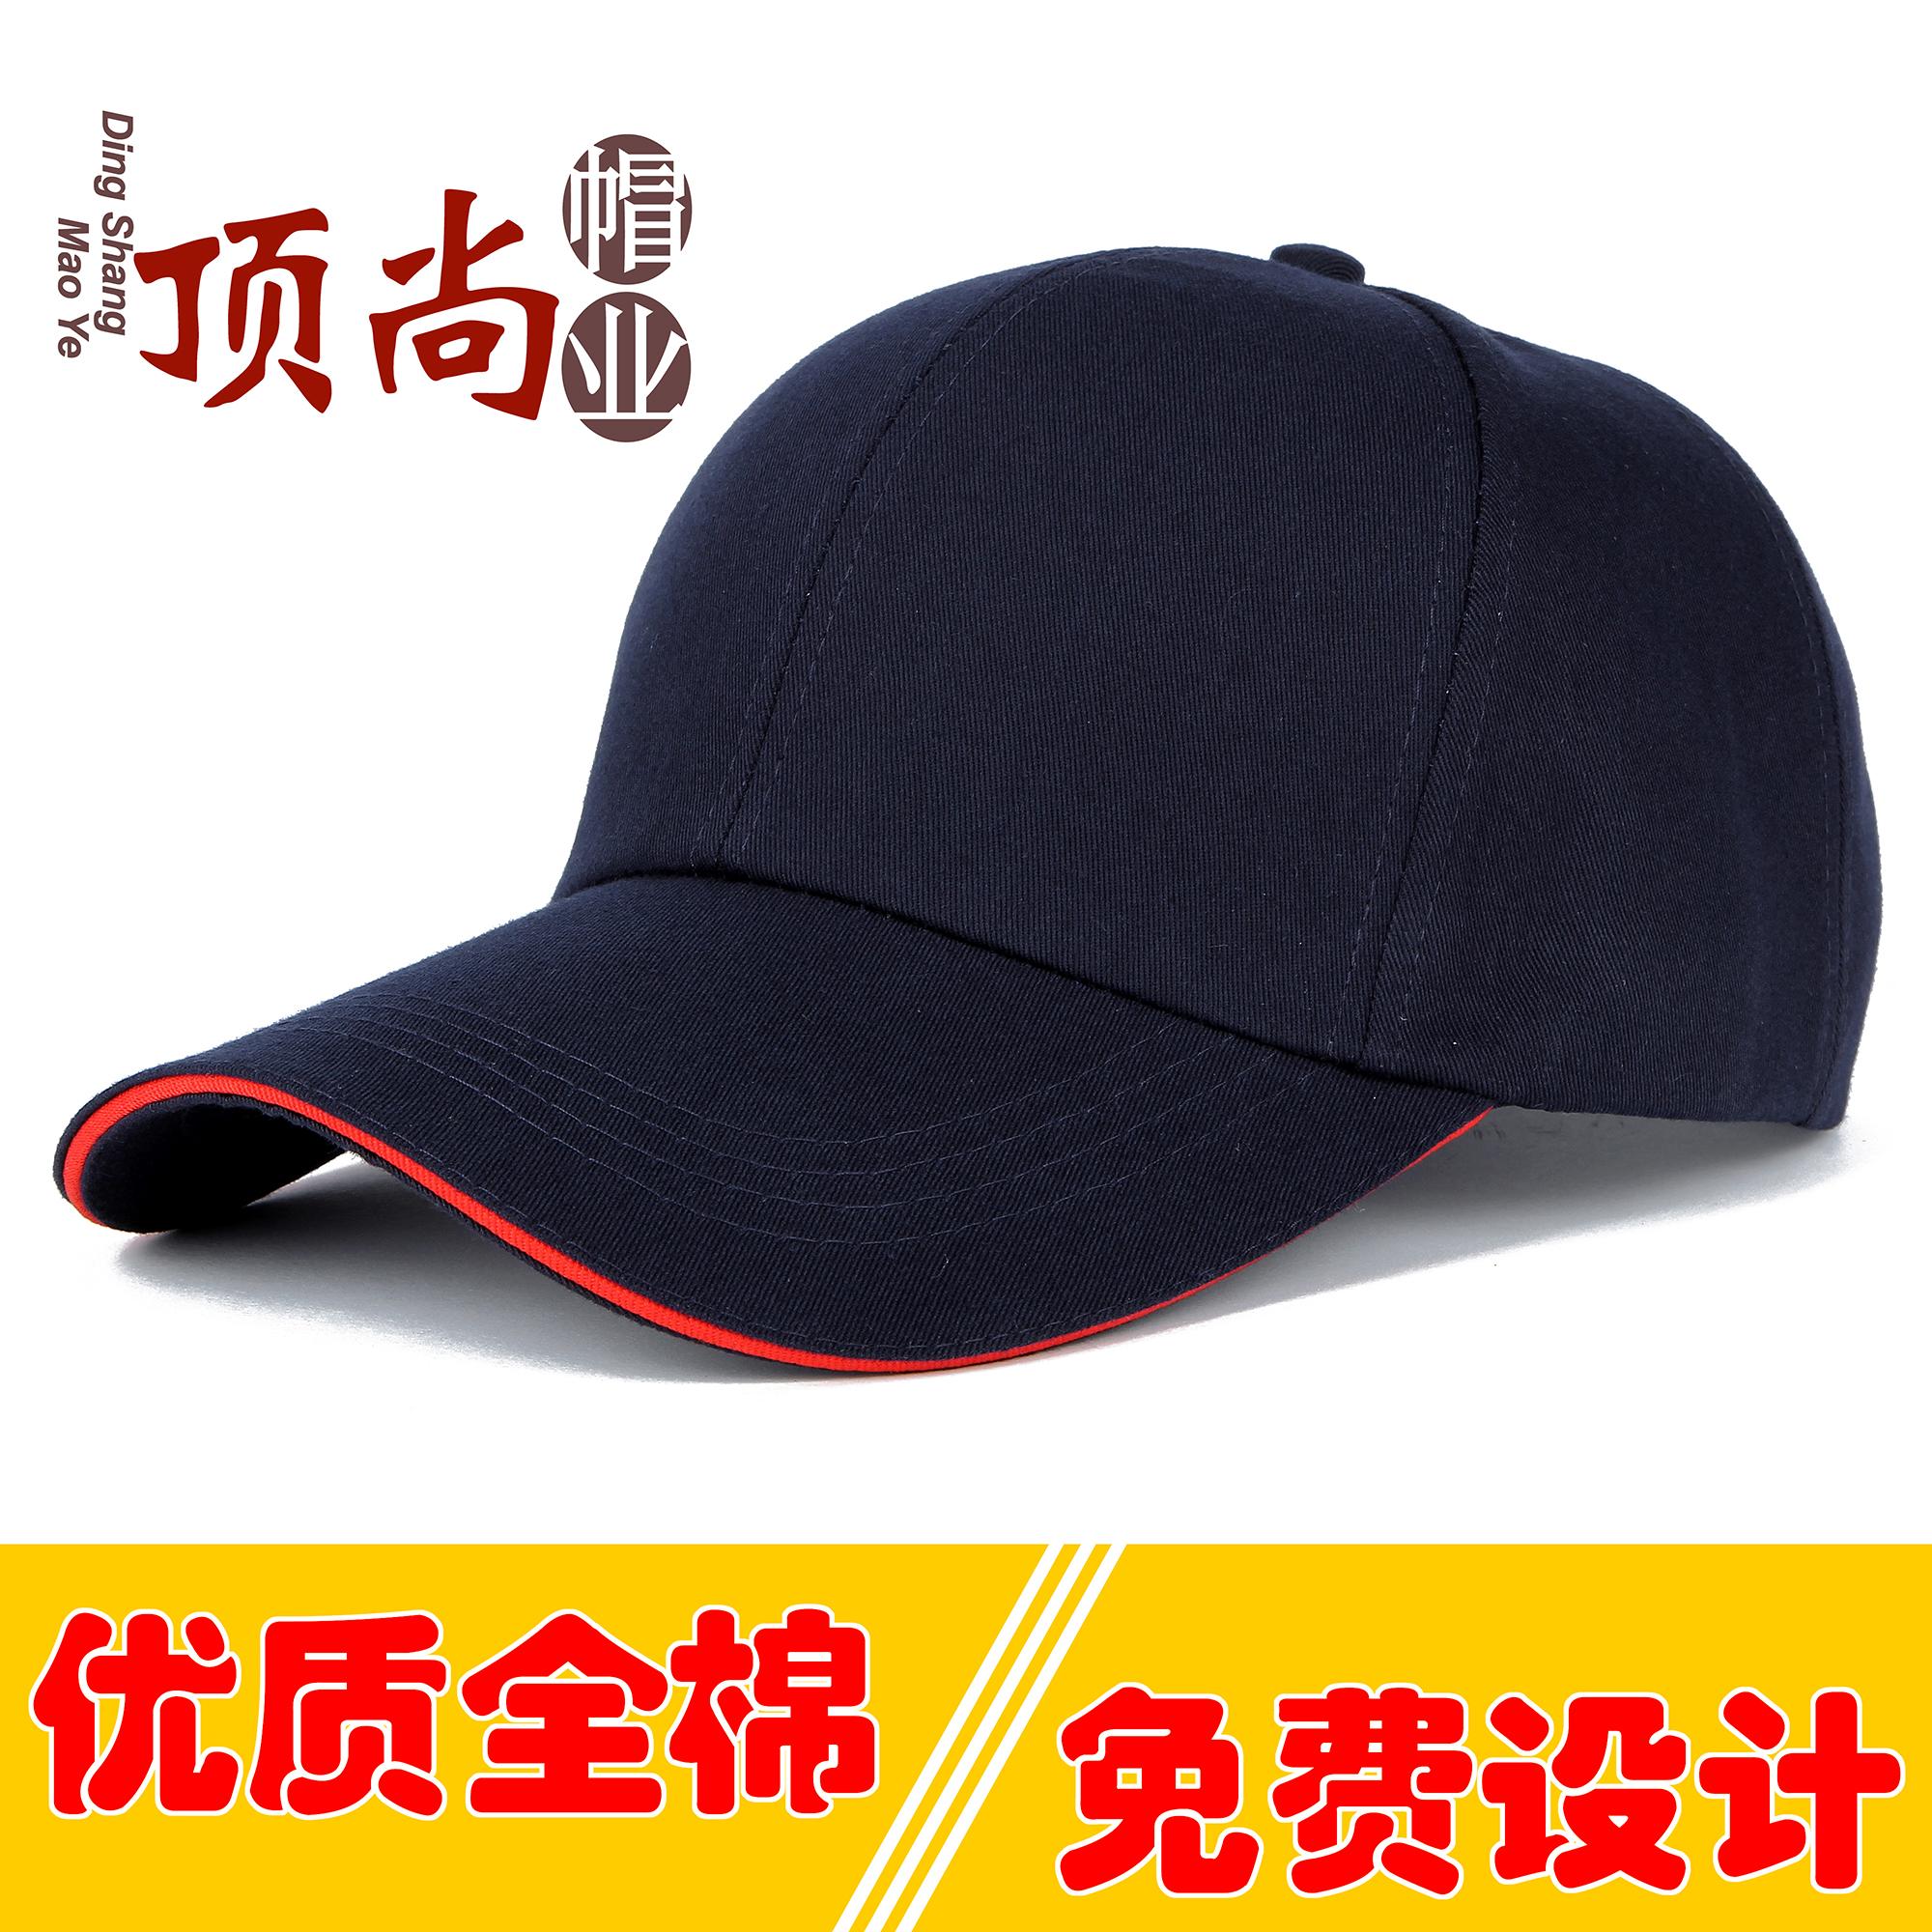 棒球帽定制logo定做男女士遮阳鸭舌帽子印字刺绣广告太阳帽旅游帽